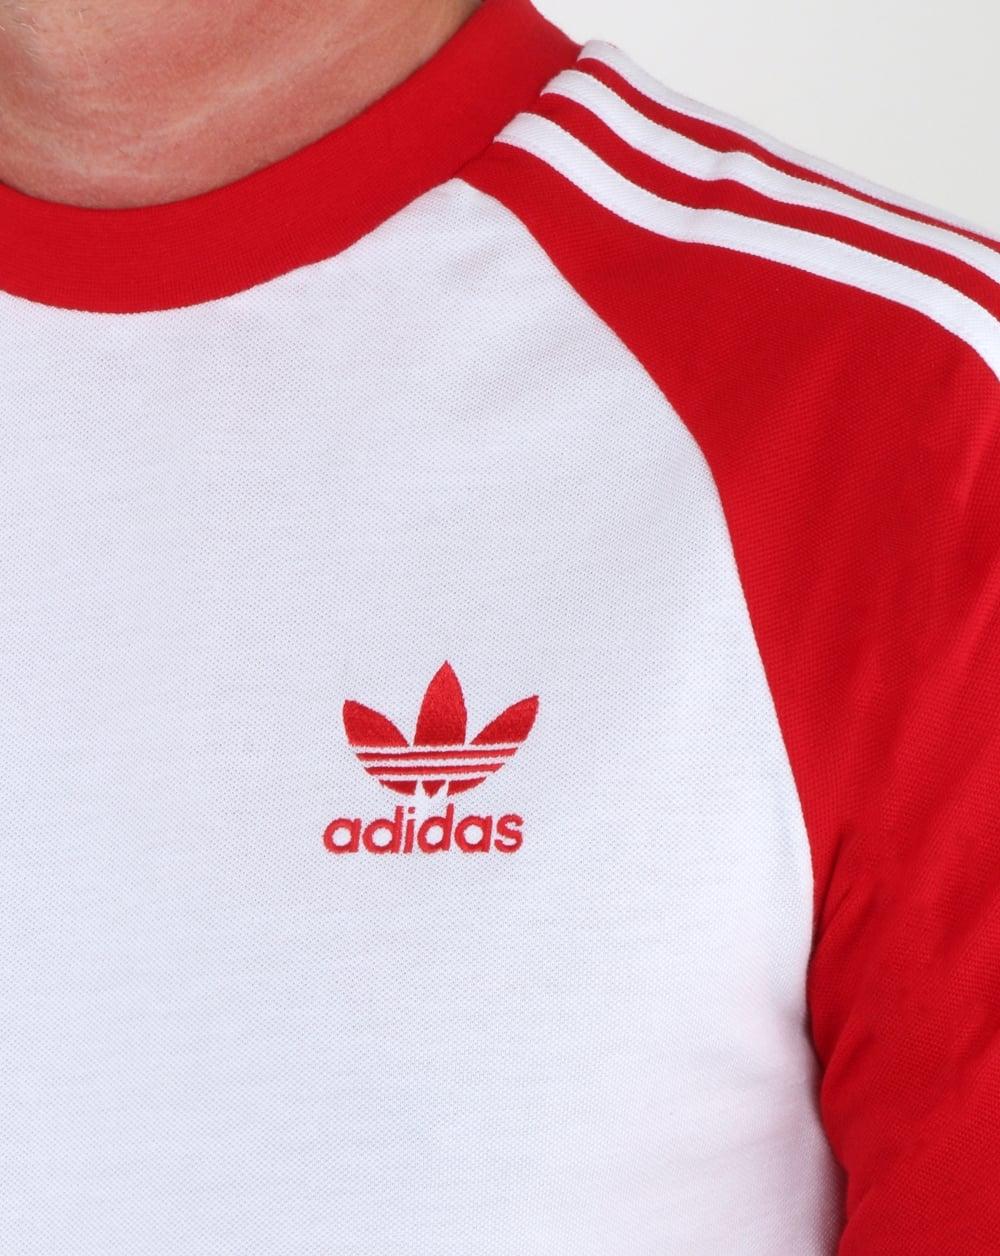 Adidas Originals Long Sleeve 3 Stripes T Shirt White red e6c6f52ea024